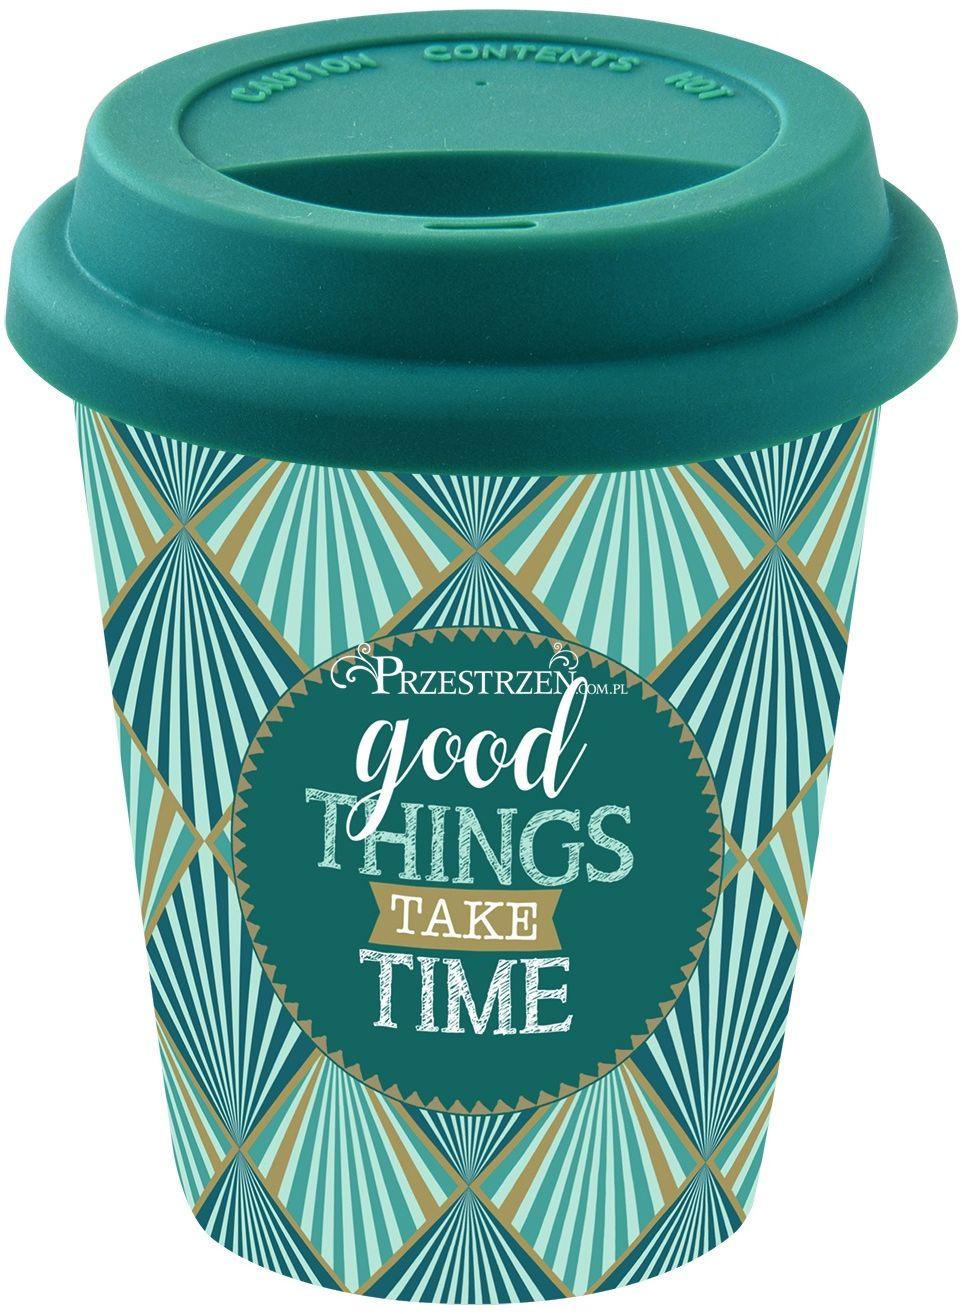 PORCELANOWY KUBEK PODRÓŻNY - Good Things Take Time - Z POKRYWKĄ 220 ml